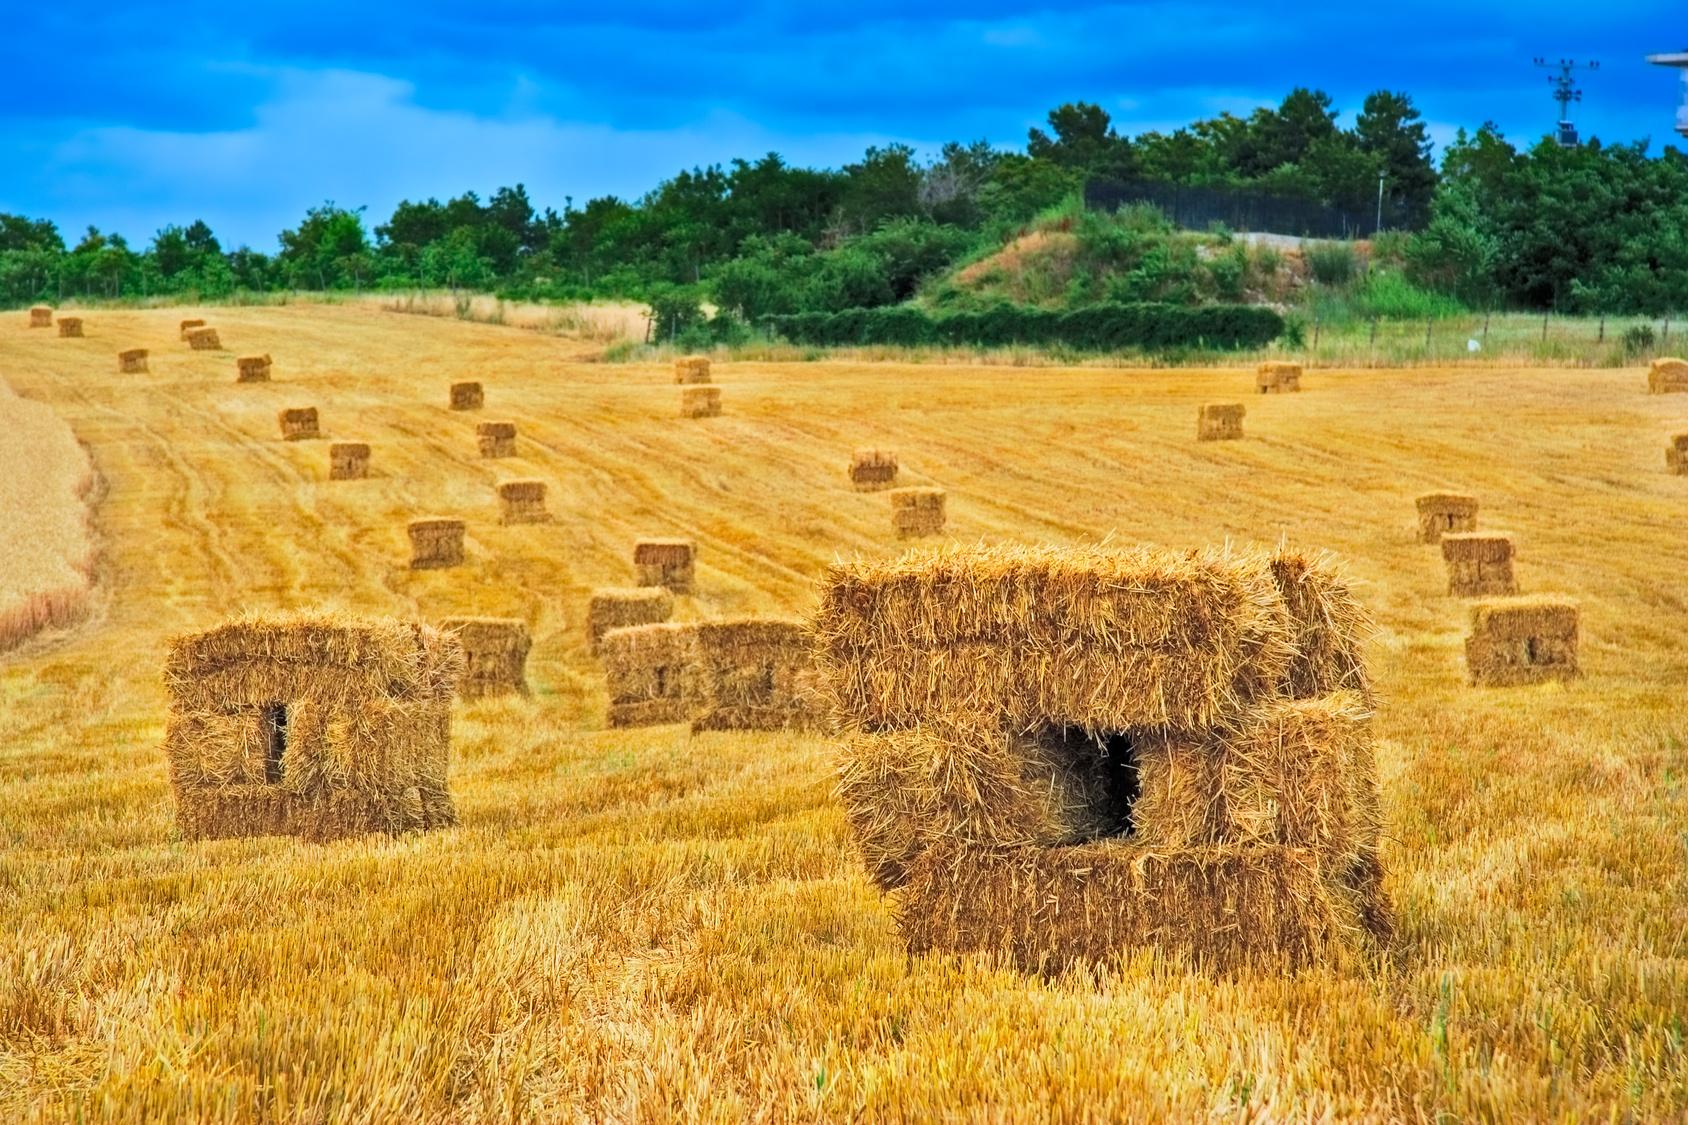 Ventajas de la bioconstruccion comprar casas de madera - Tocar madera casas ...